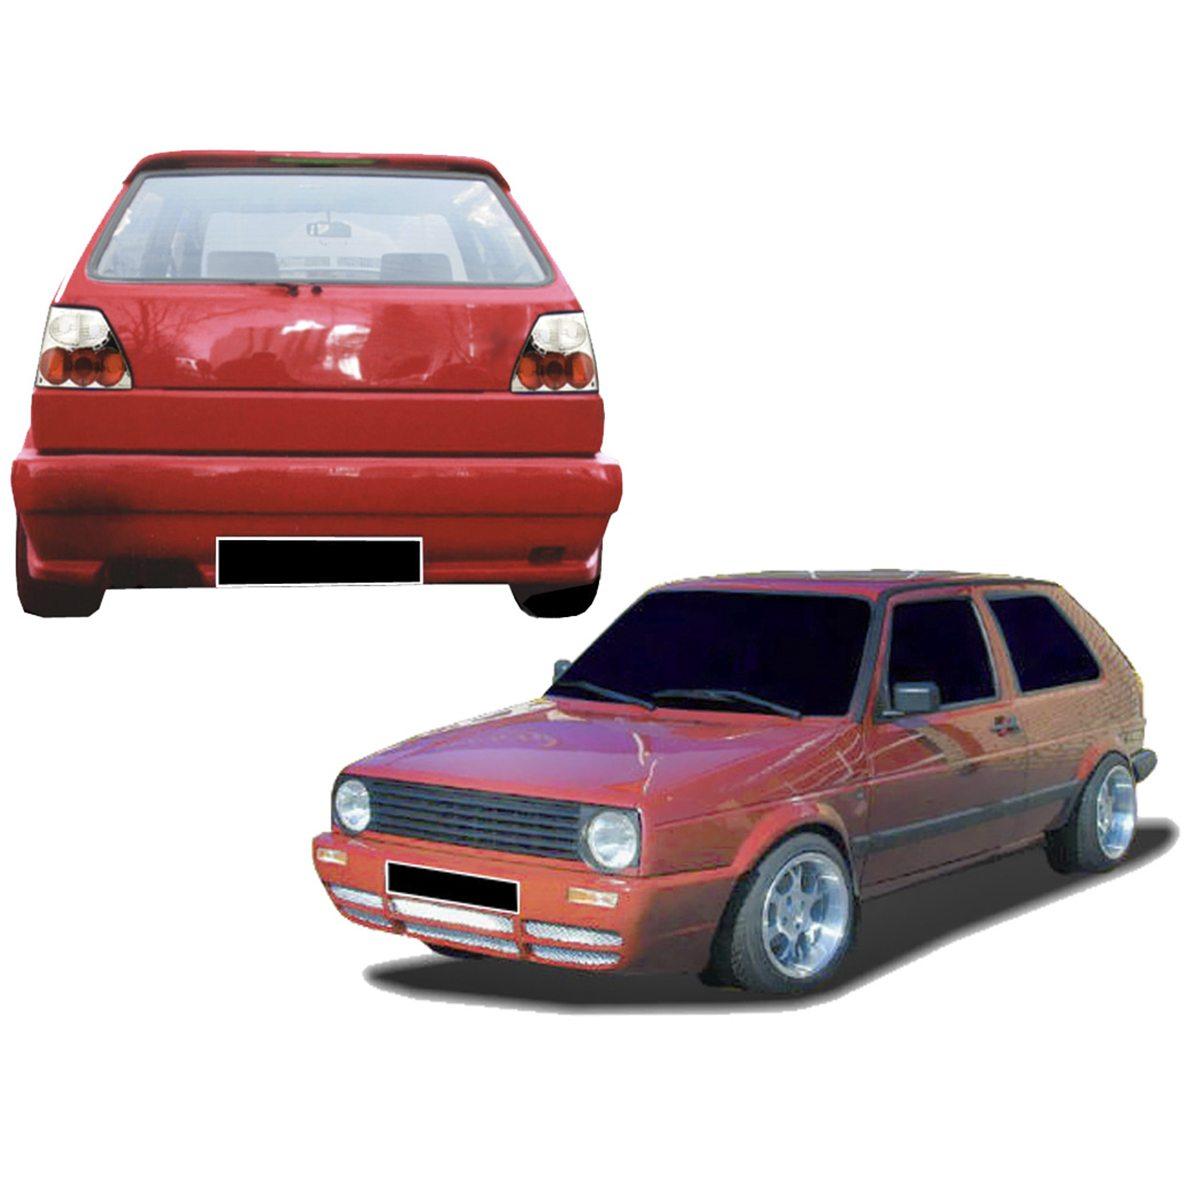 VW-Golf-II-Cup-KIT-KTC016